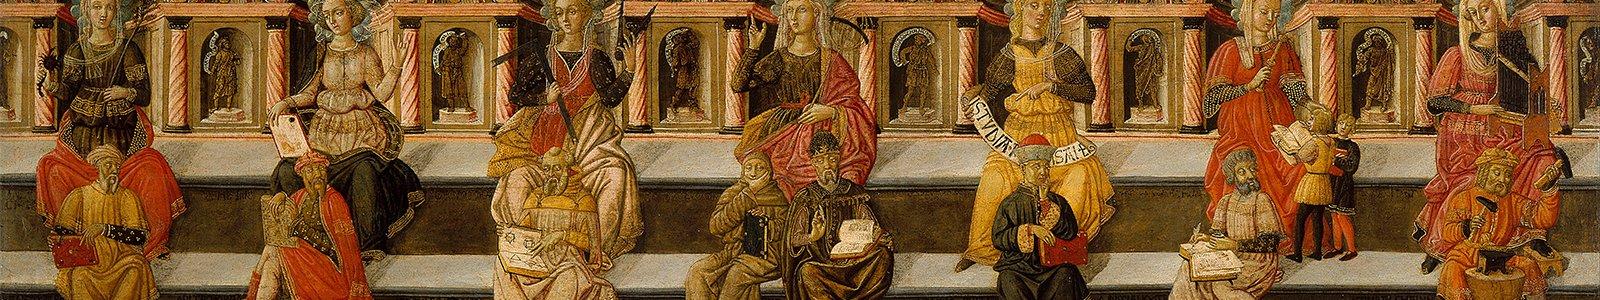 The Seven Liberal Arts - artist: Giovanni di ser Giovanni Guidi. Photo: Wikimedia Commons